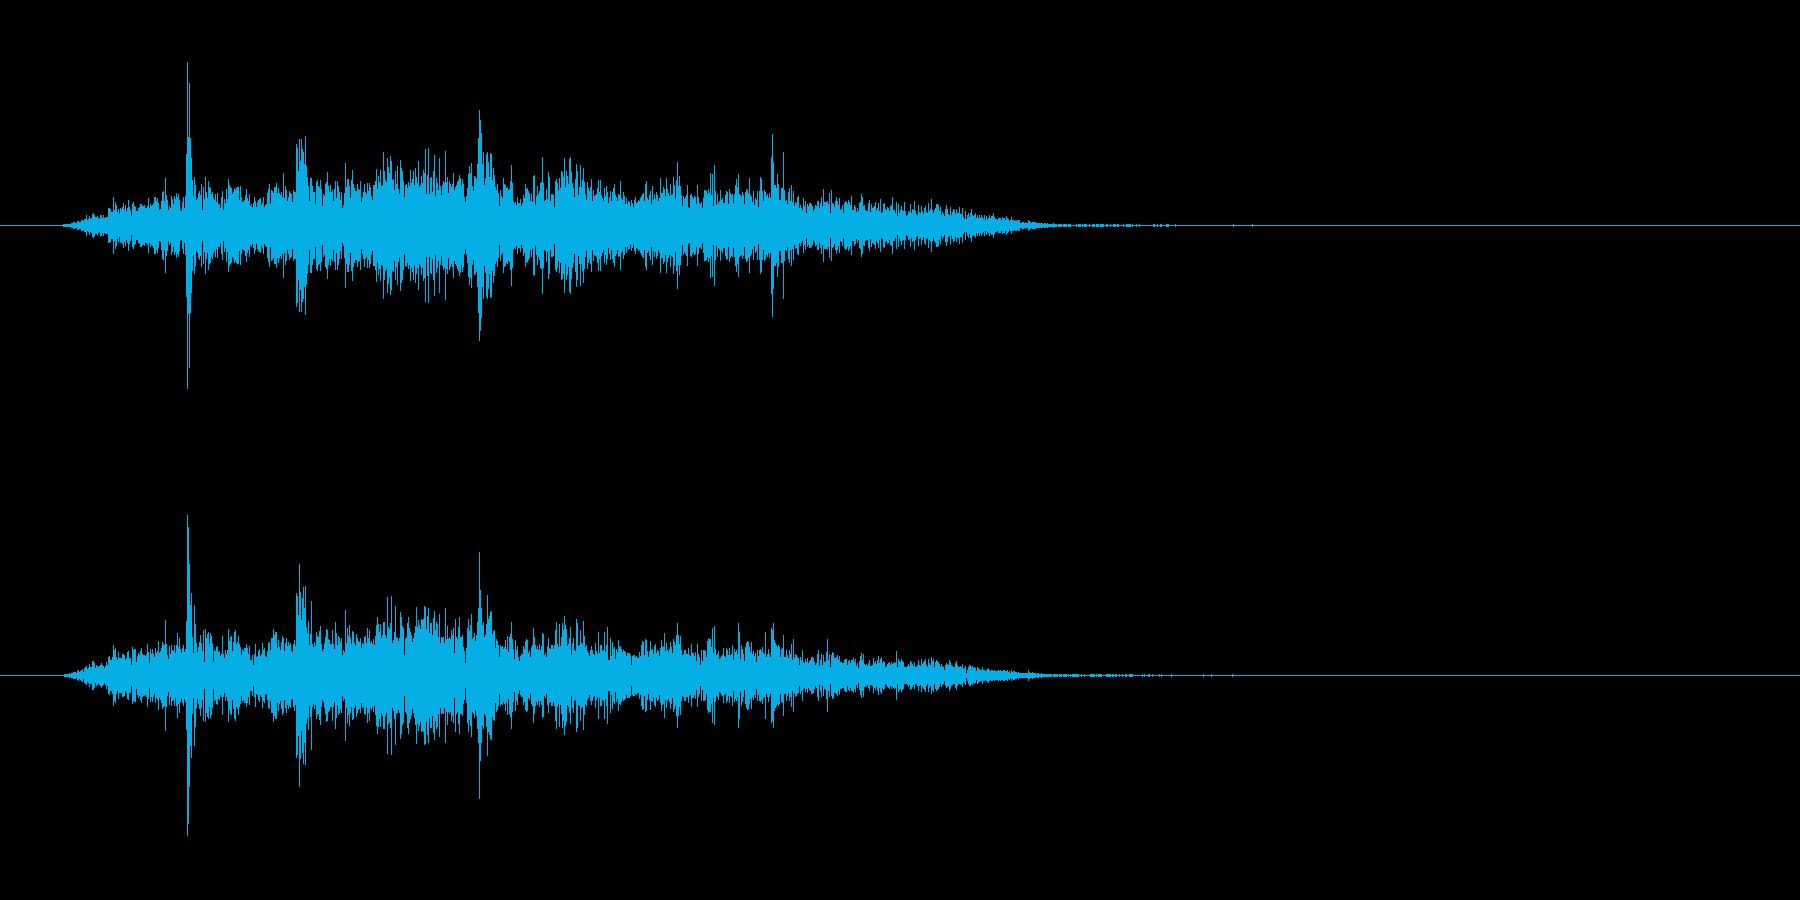 シューッ(巻き物、閉じる)の再生済みの波形